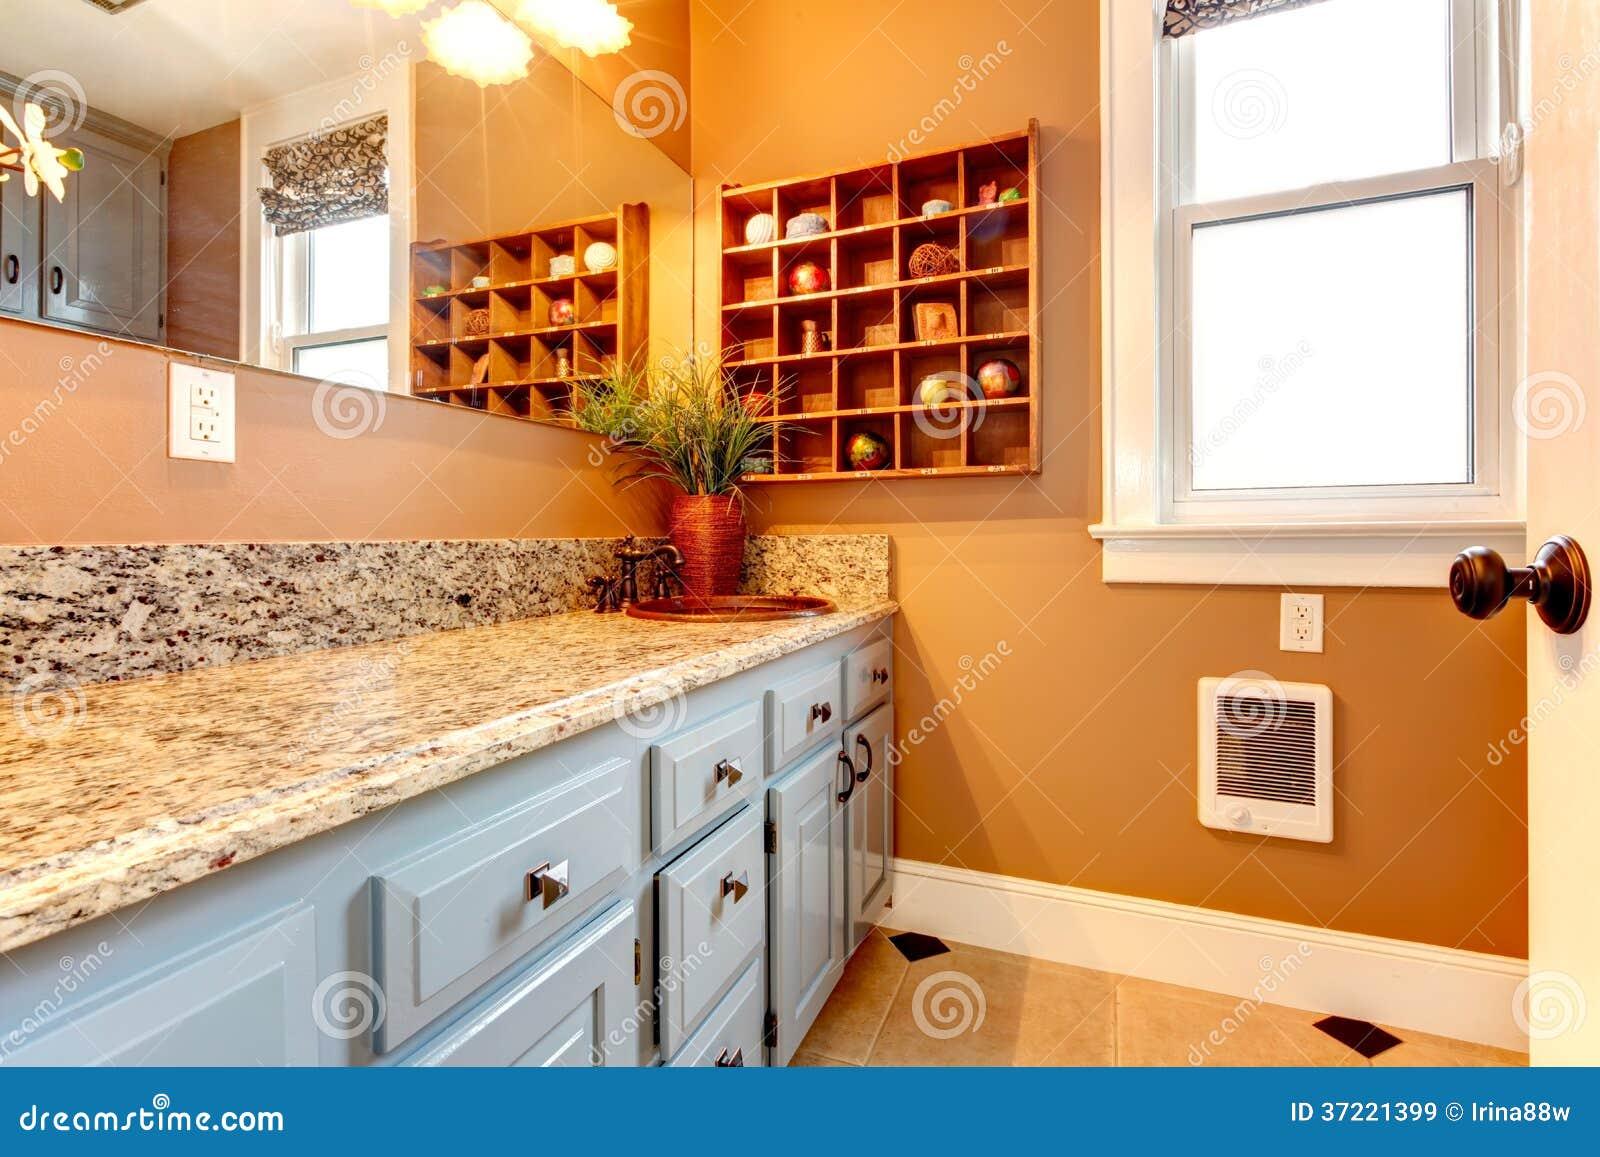 Banheiro Moderno Com Prateleiras De Madeira E O Torneira Rústico Do Ferro Ima -> Banheiro Moderno E Rustico